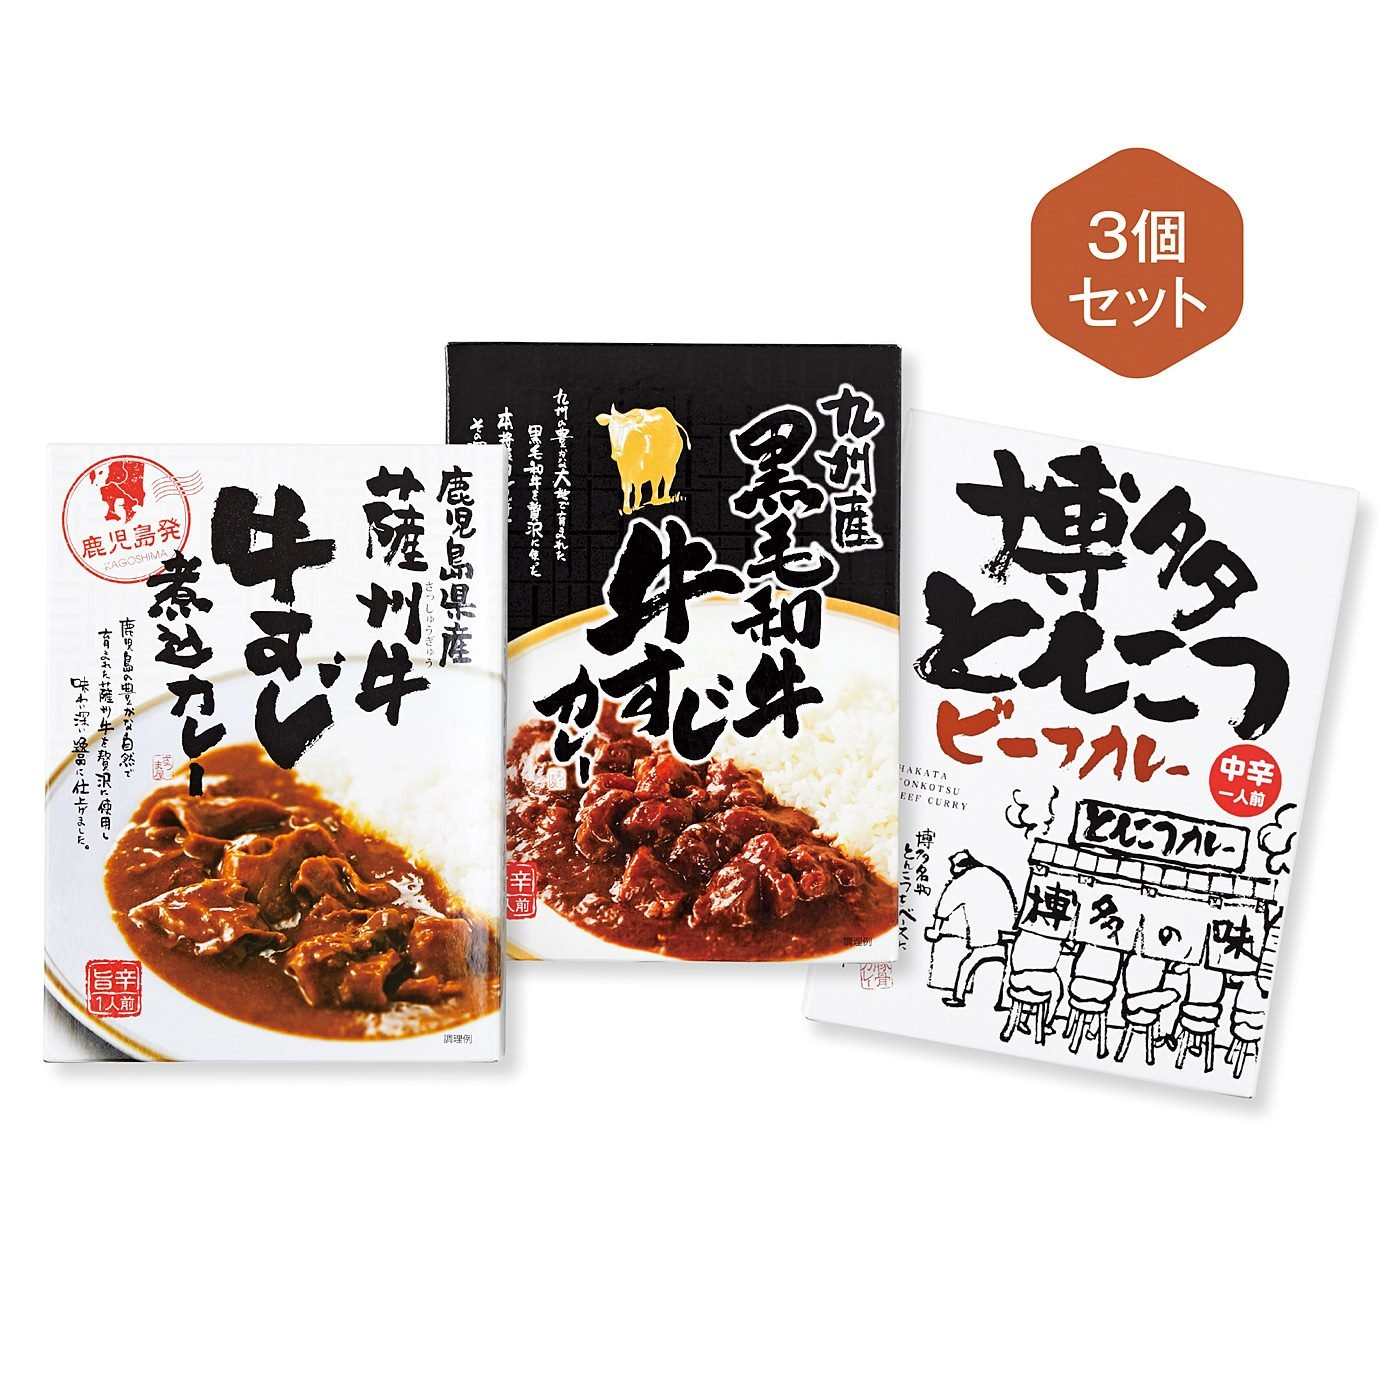 博多の食堂で食べたらめちゃ旨かった! 九州のうま味たっぷり さつま屋のカレーセットの会(3回予約)